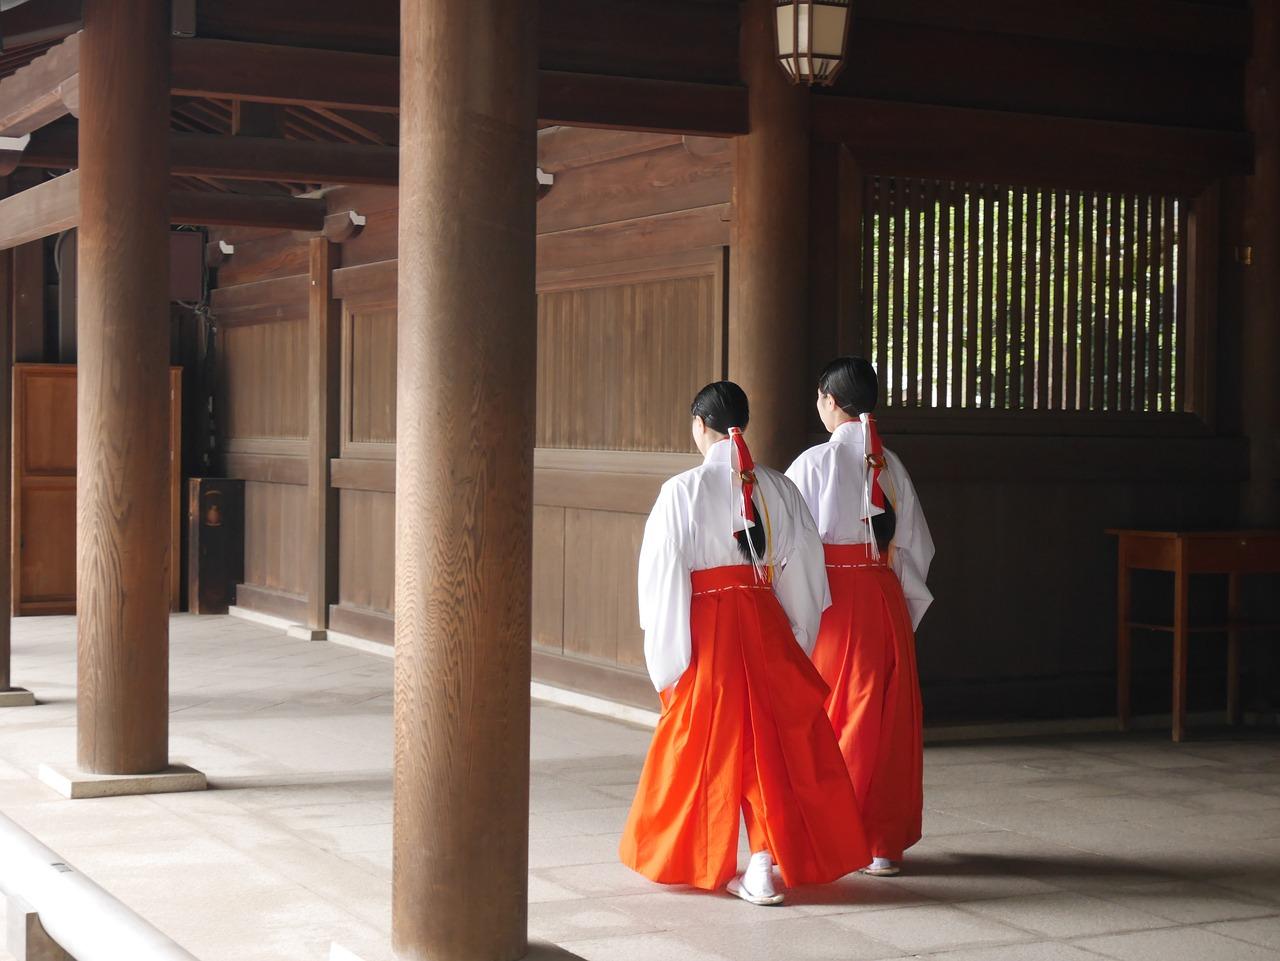 伊勢神宮内を歩く二人の巫女さん